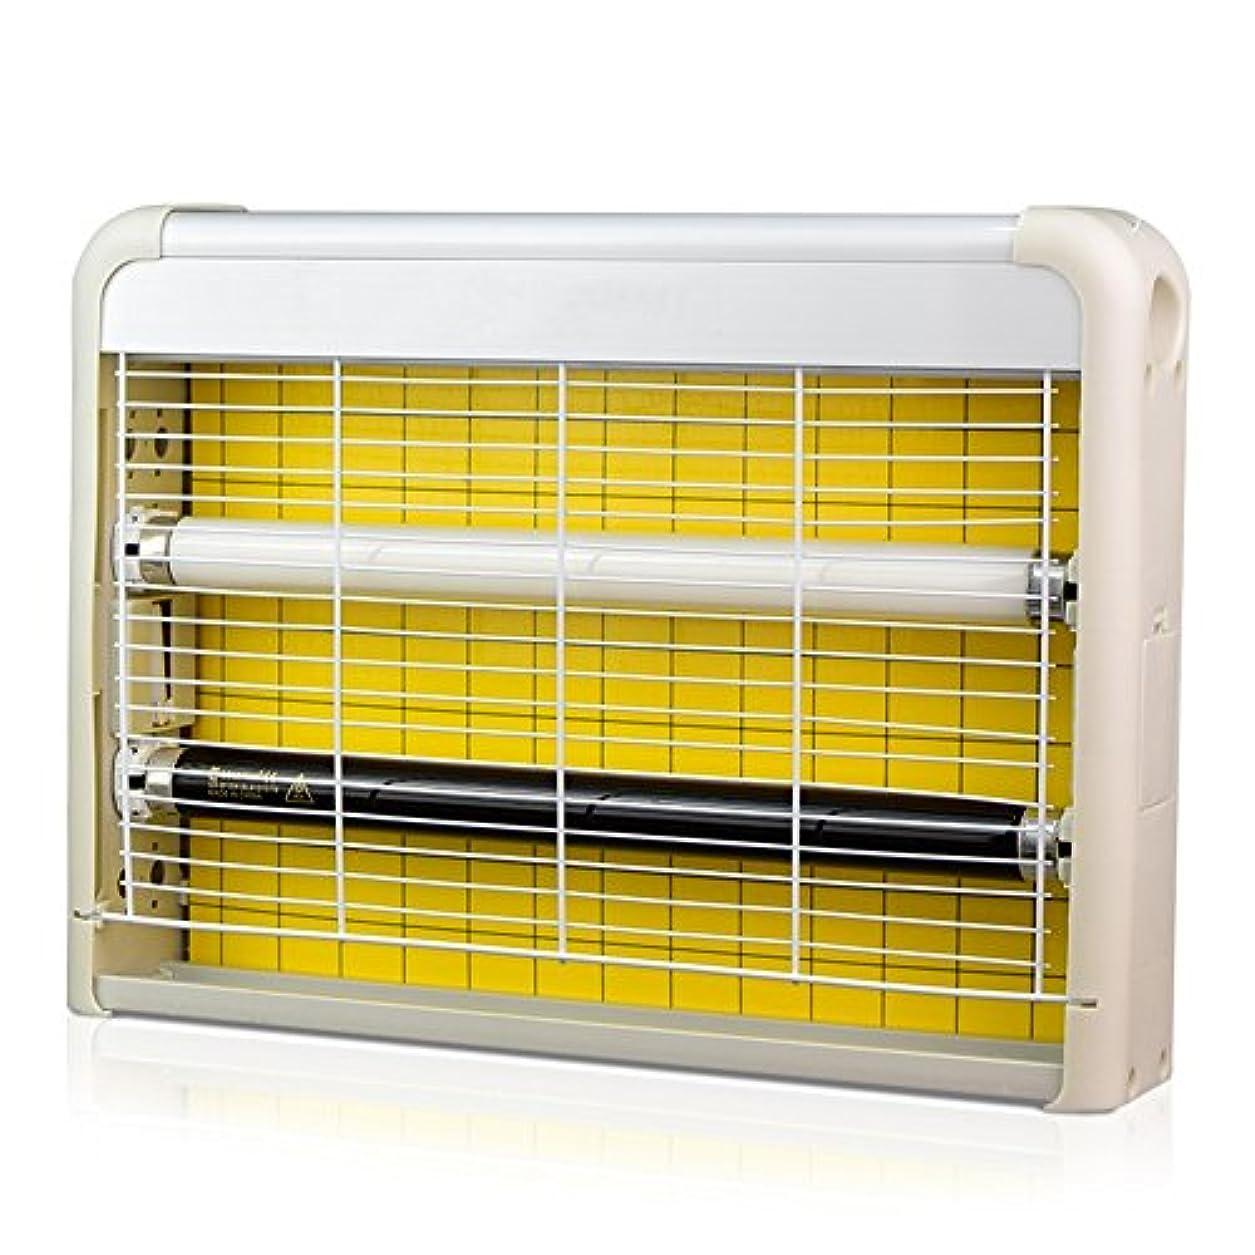 特徴づけるカート接続詞LIXIONG 蚊ランプ 壁掛け式 スティッキートラップ ミュート 家庭 レストラン 商業の 省エネ ダブルライトチューブ 物理的な蚊の制御、 3サイズ (サイズ さいず : 40W)